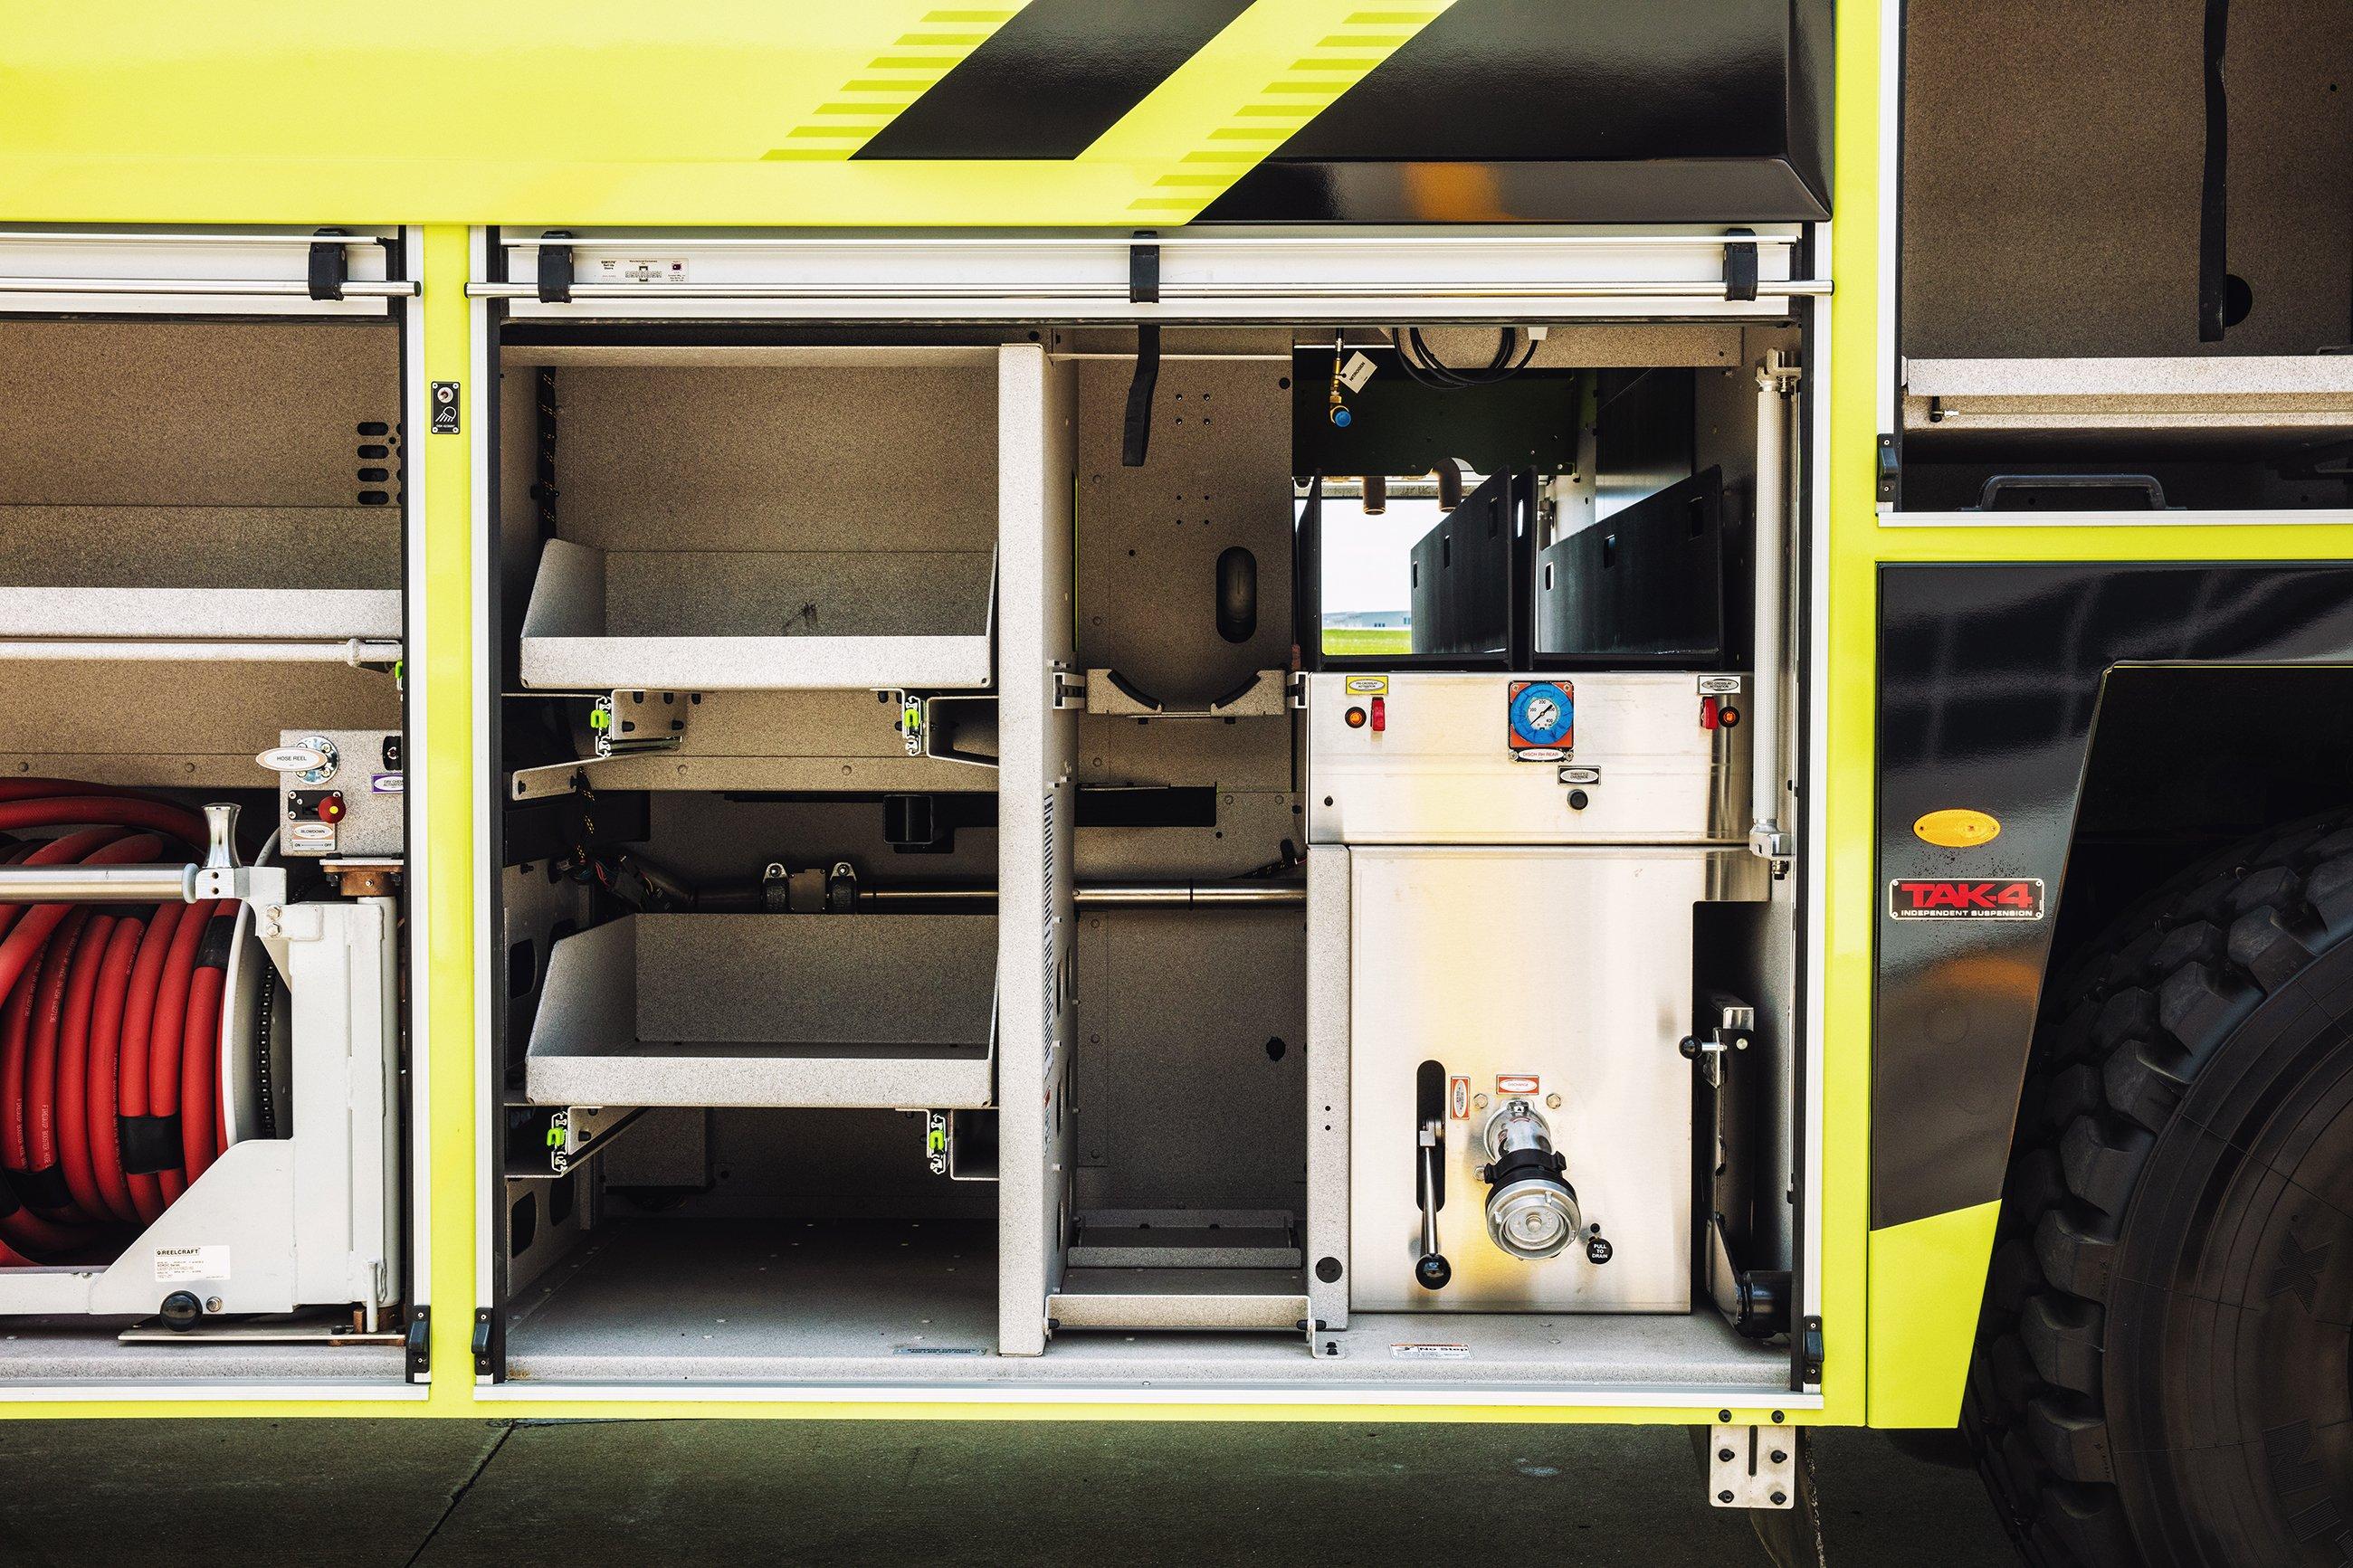 ARFF Striker Compartment View